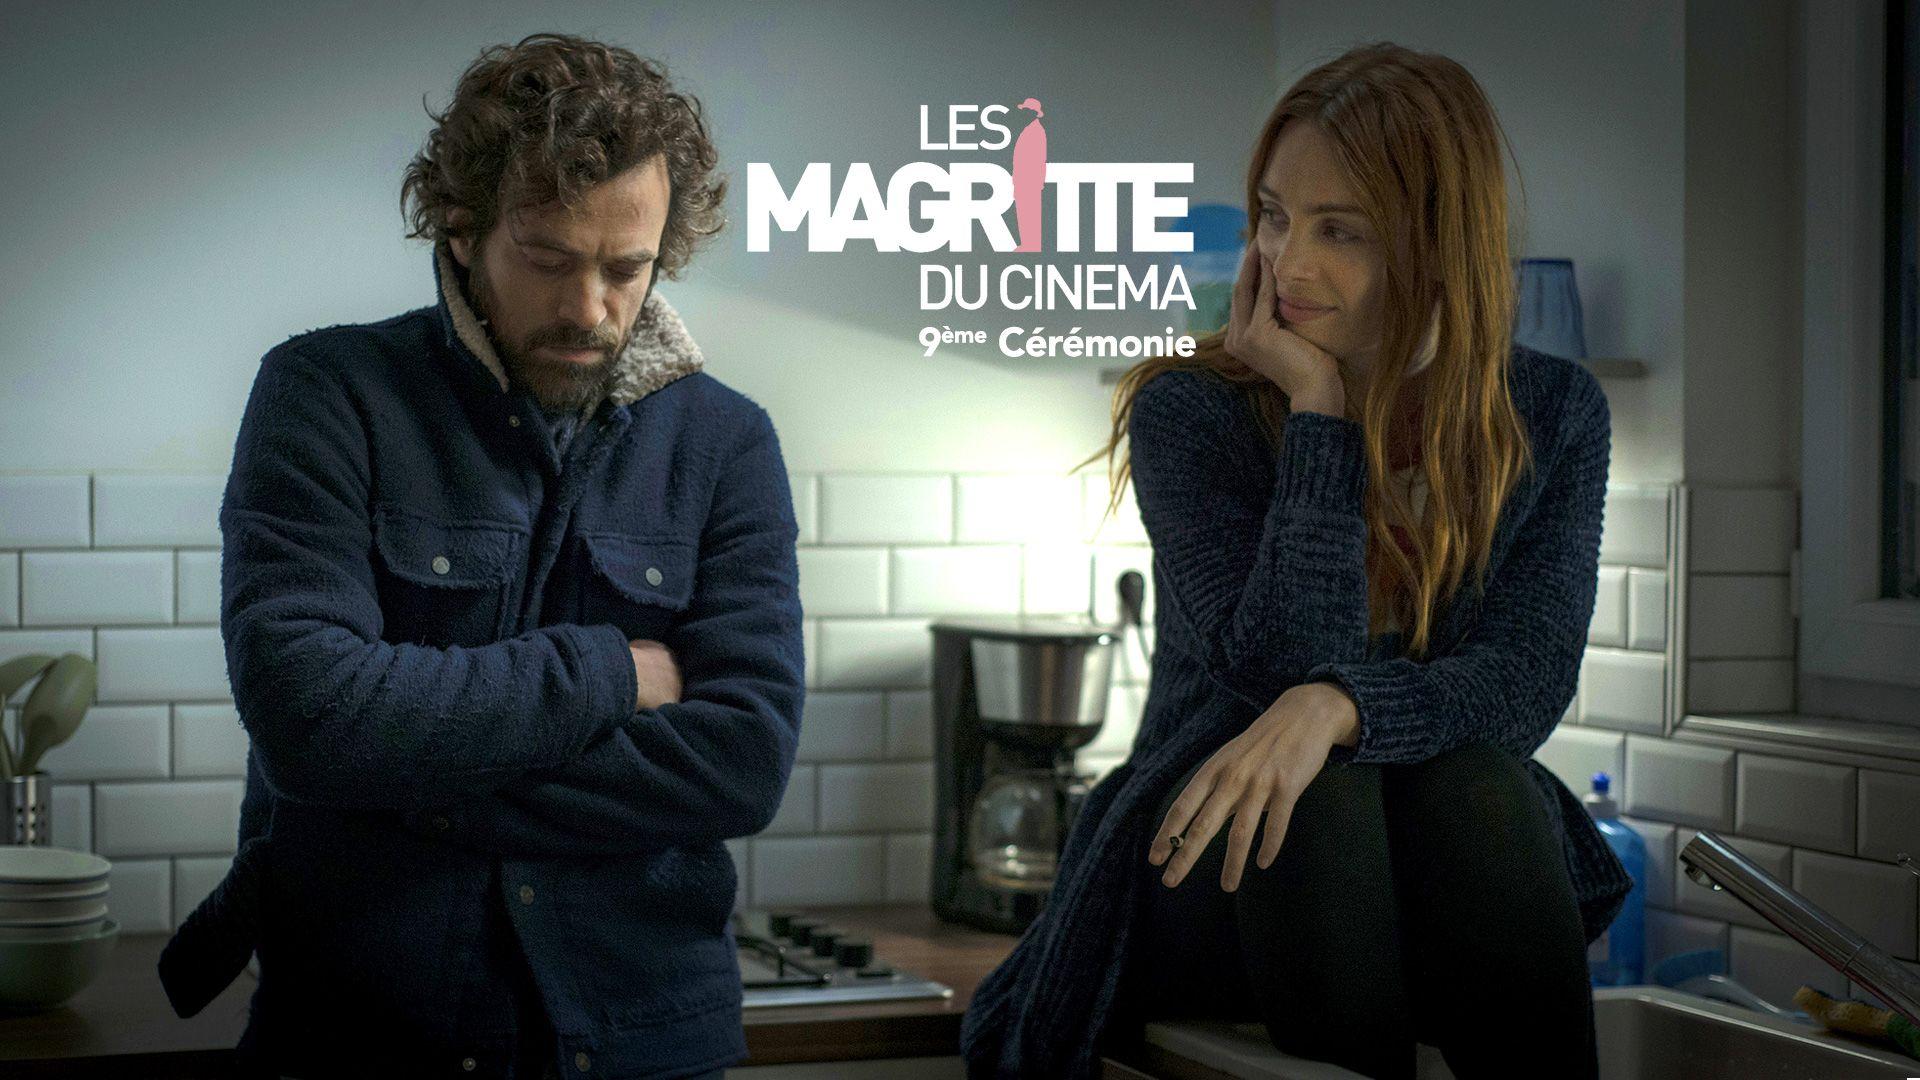 Magritte 2019 : Nos batailles, grand gagnant de la cérémonie.